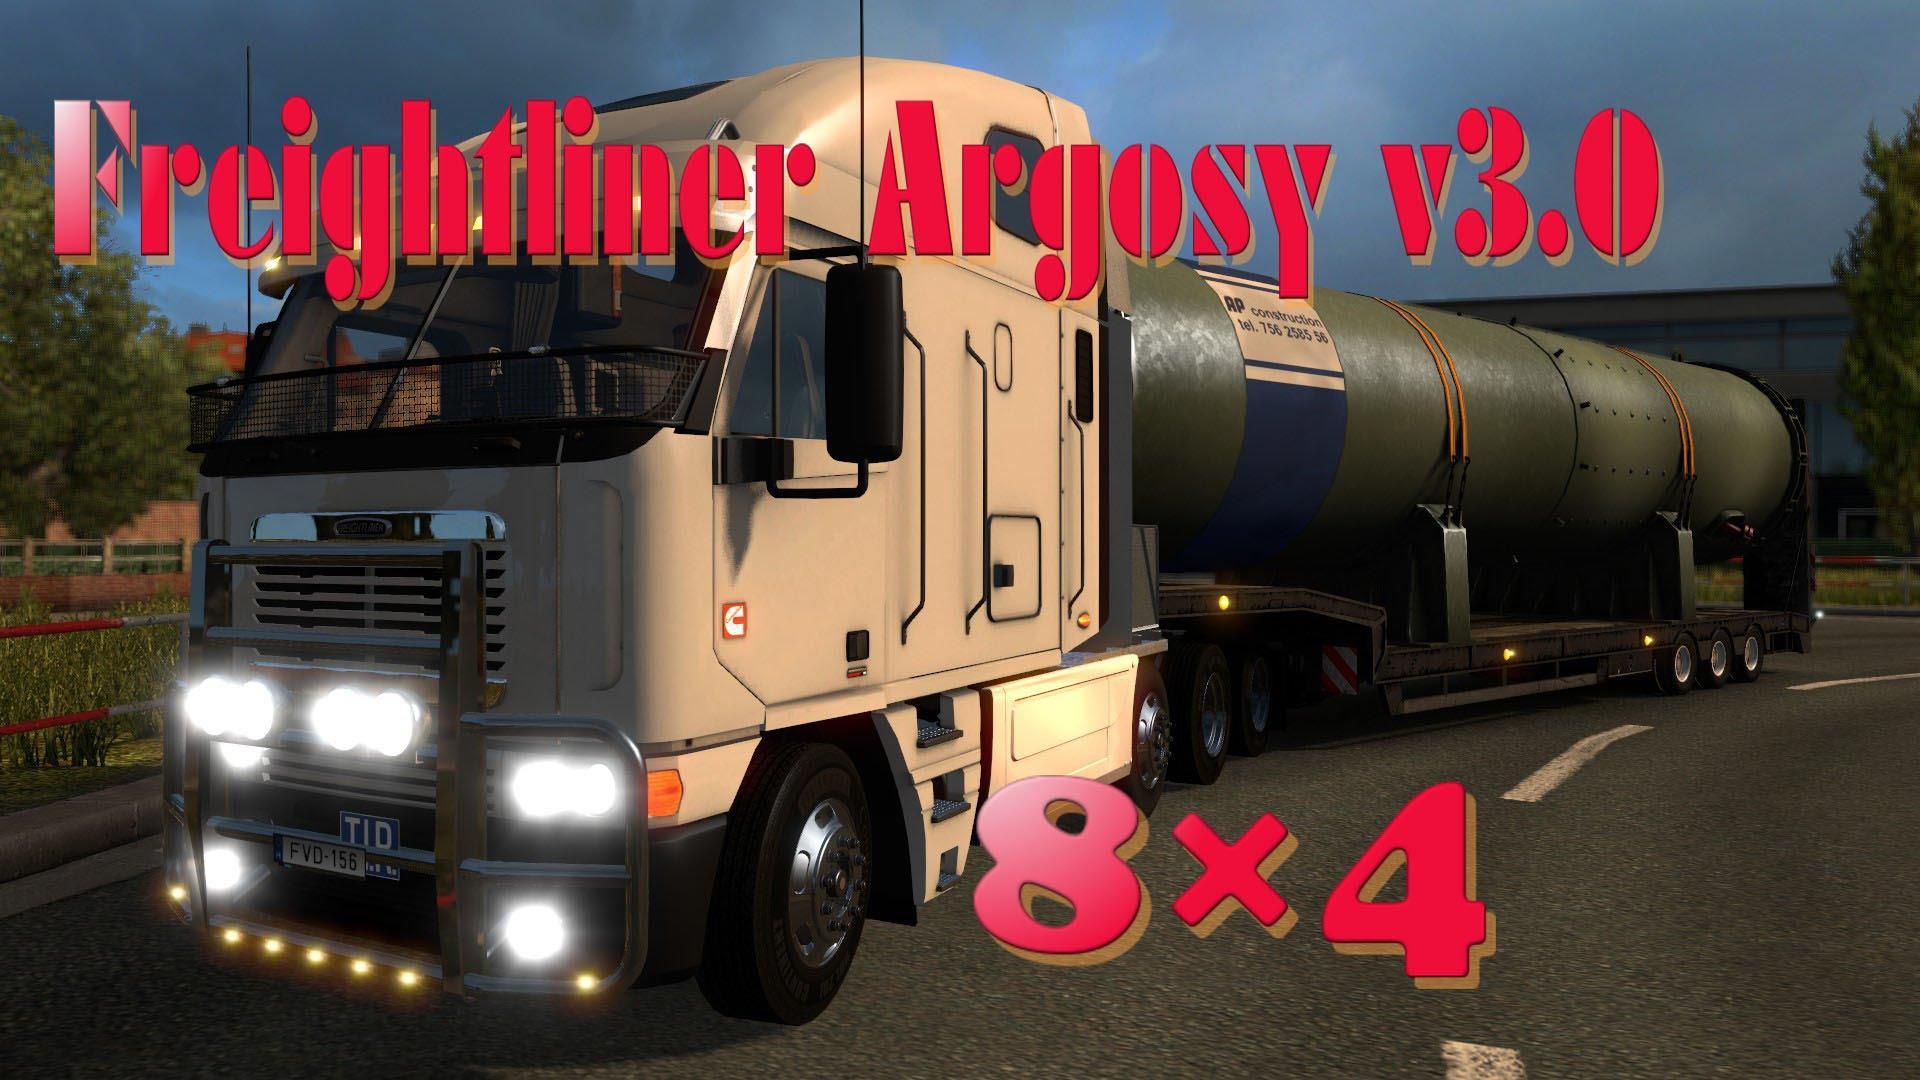 freightliner-argosy-v3-0-8x4_1